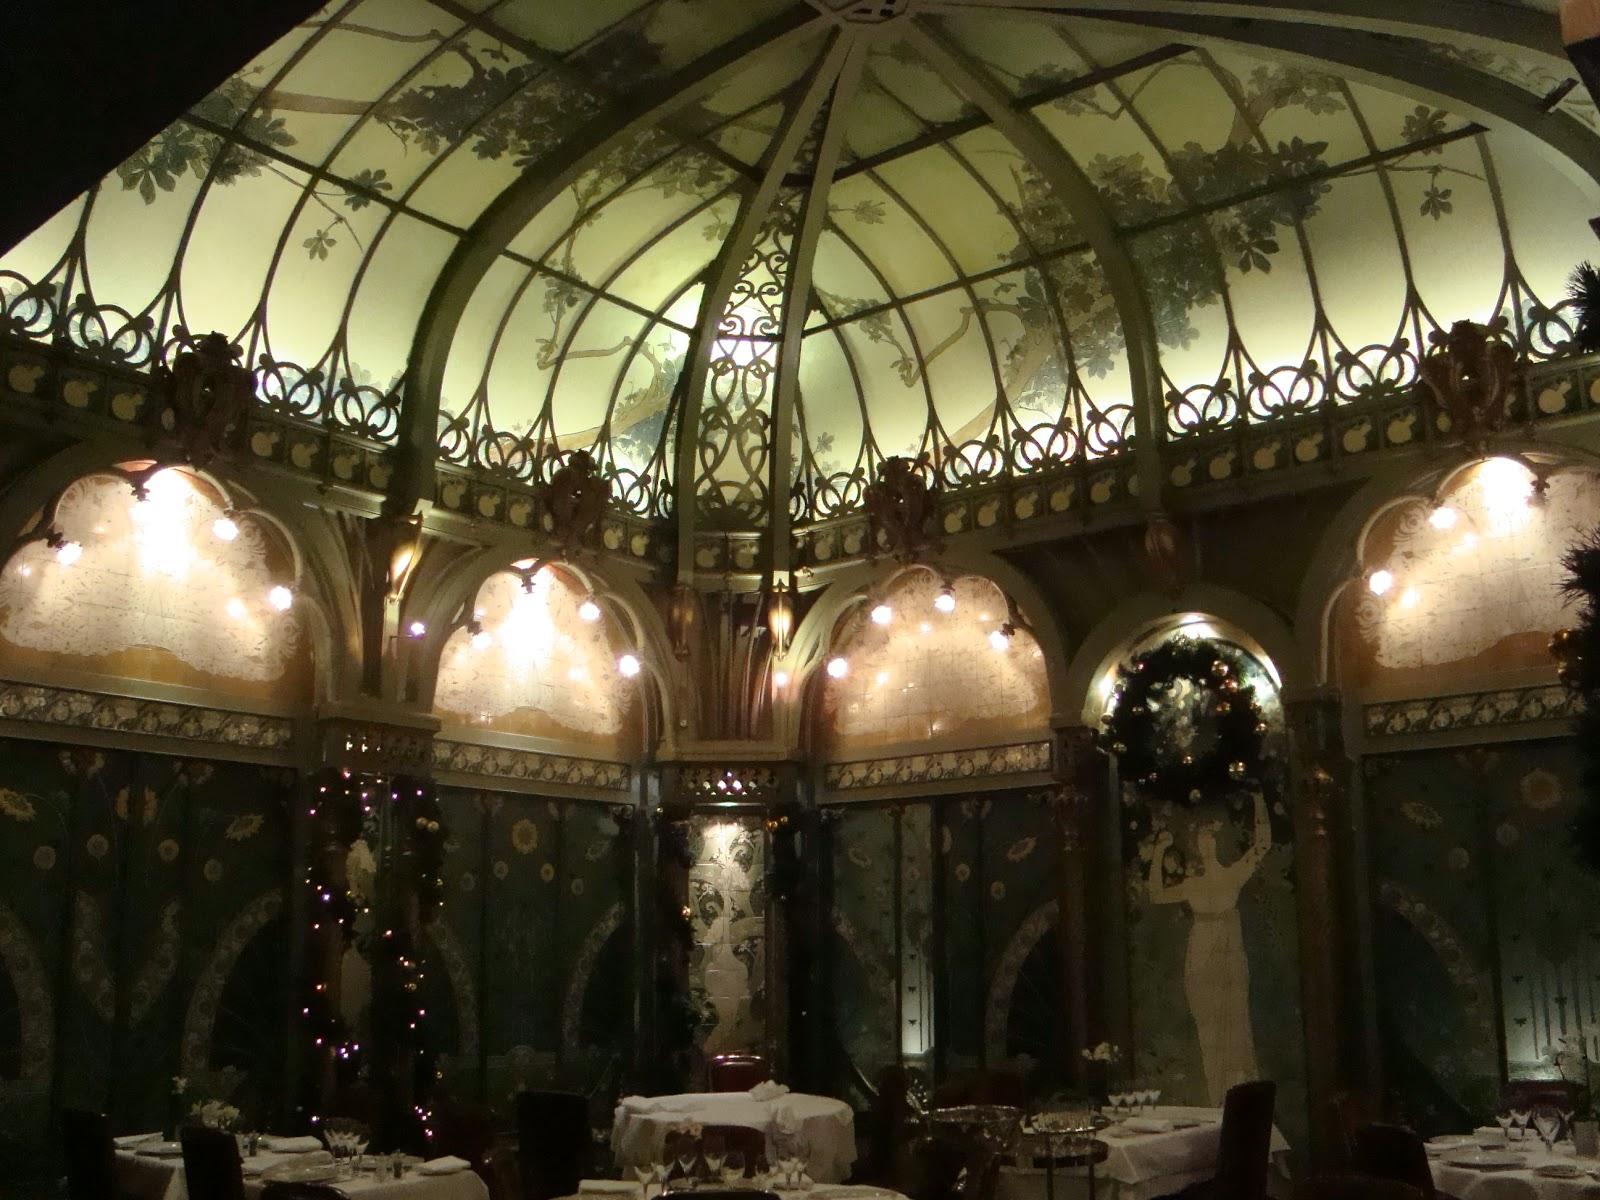 Paseos art nouveau un havre de paix la fermette marbeuf for Art nouveau interieur